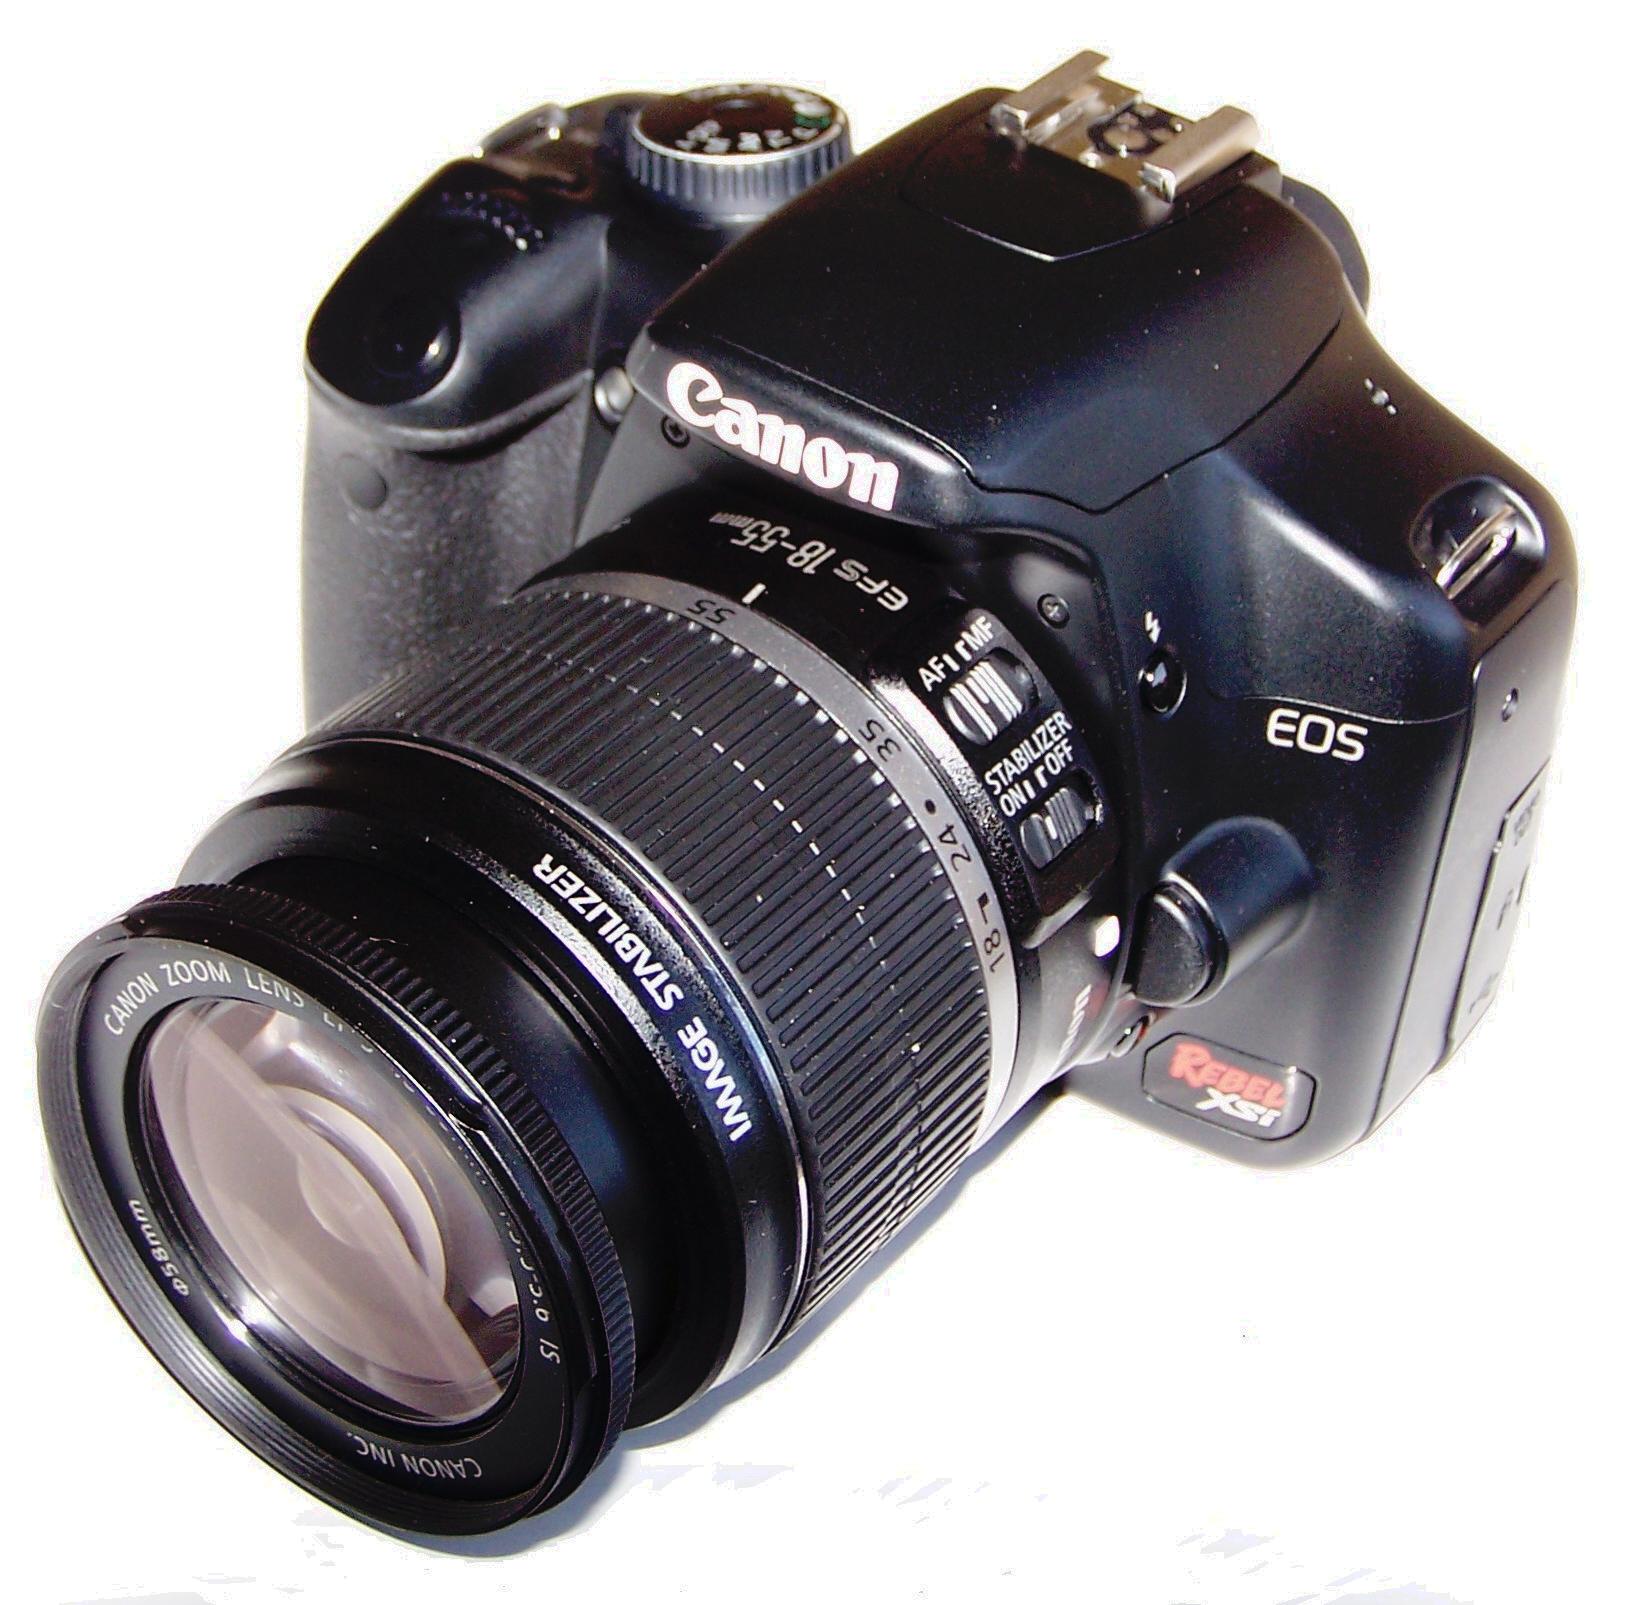 Camaras fotograficas canon en costa rica 27